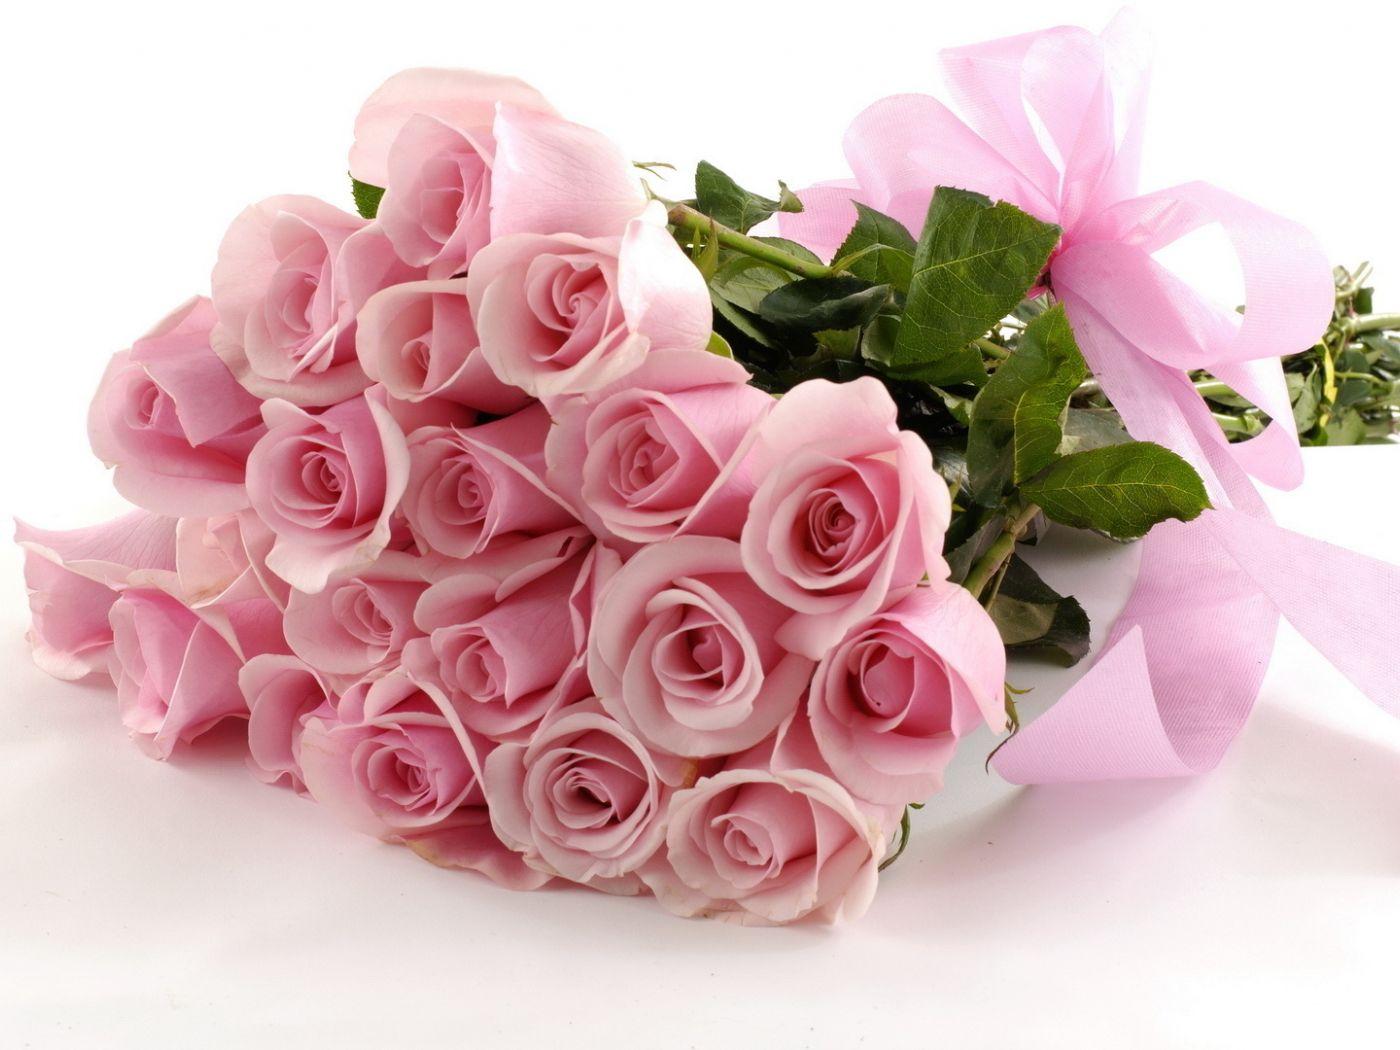 Красивые цветы картинка для поздравления